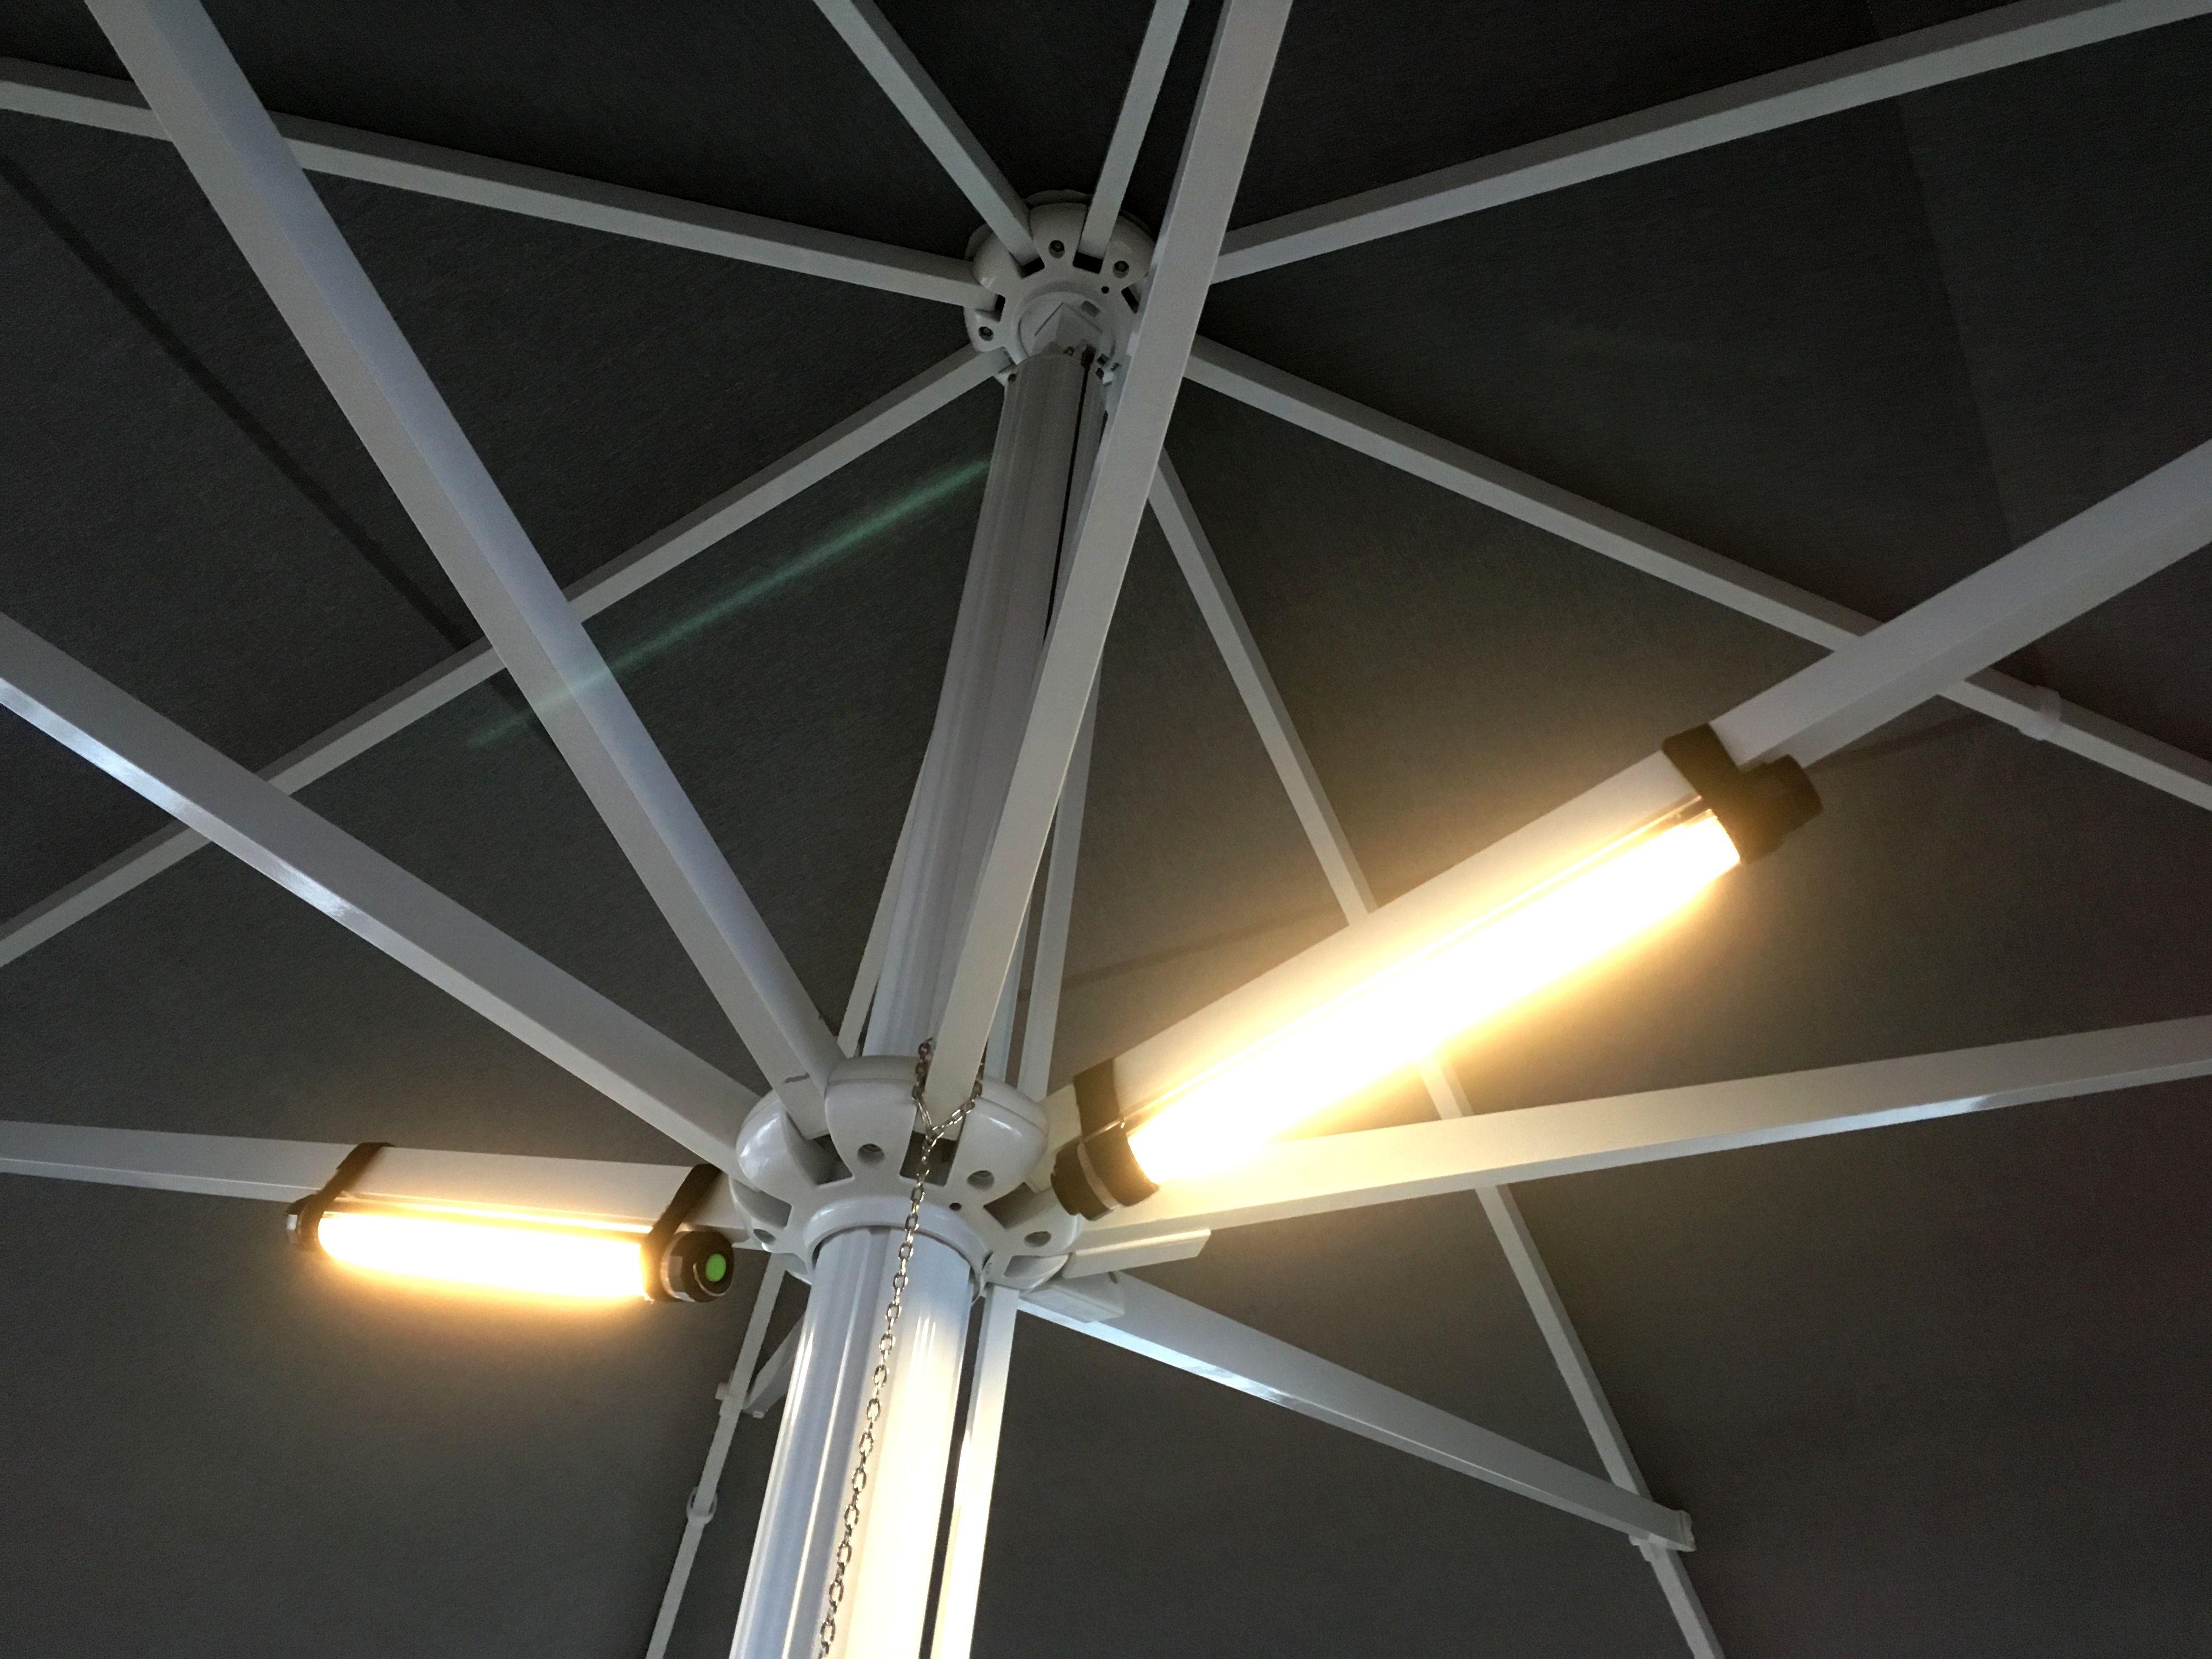 Die Led Beleuchtung Ist In Drei Stufen Dimmbar Einfache Und Schnelle Befestigung Durch Magnethalterung Oder Klettbander Batte Led Beleuchtung Led Lichtquelle